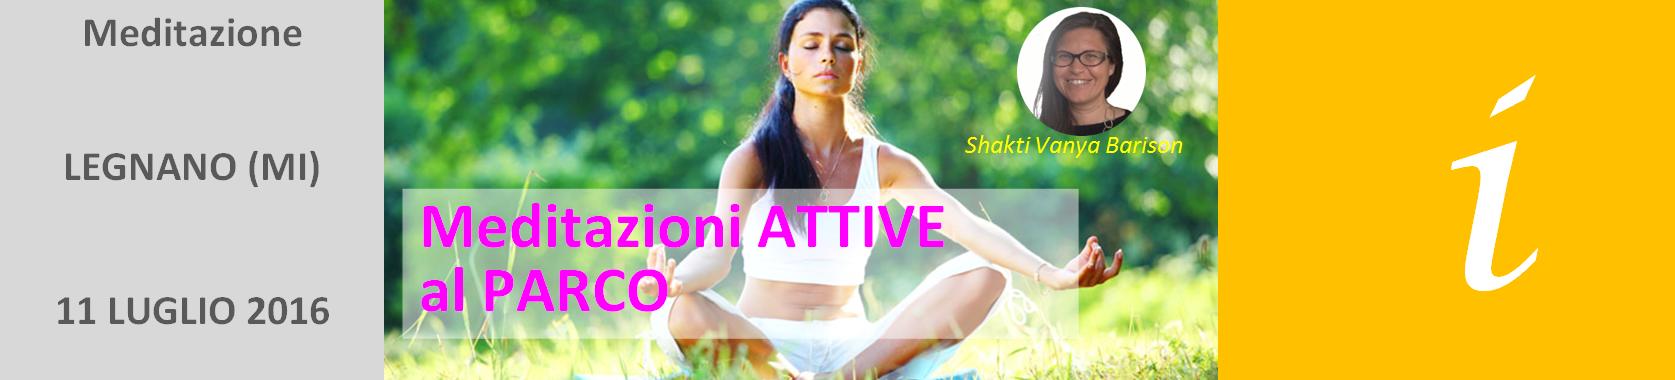 banner-meditazioni-attive-al-parco-legnano-11